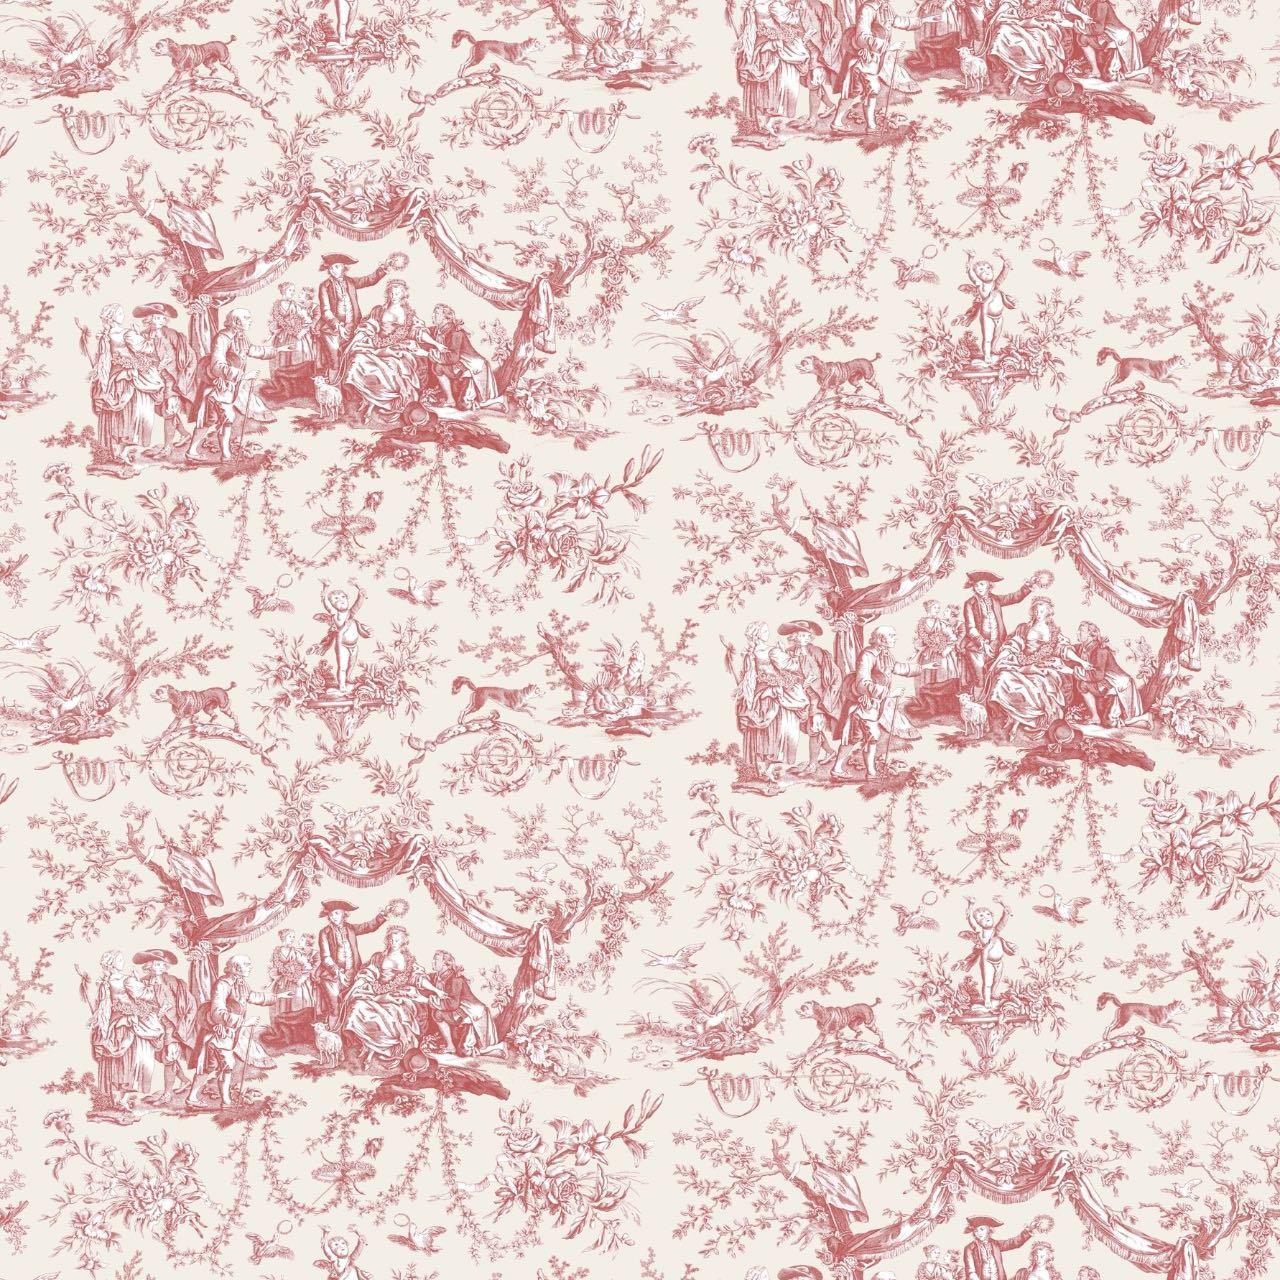 フランス壁紙 フリース(不織布) トワル・ド・ジュイ デザイン 《バラ冠を受ける少女》 レッド